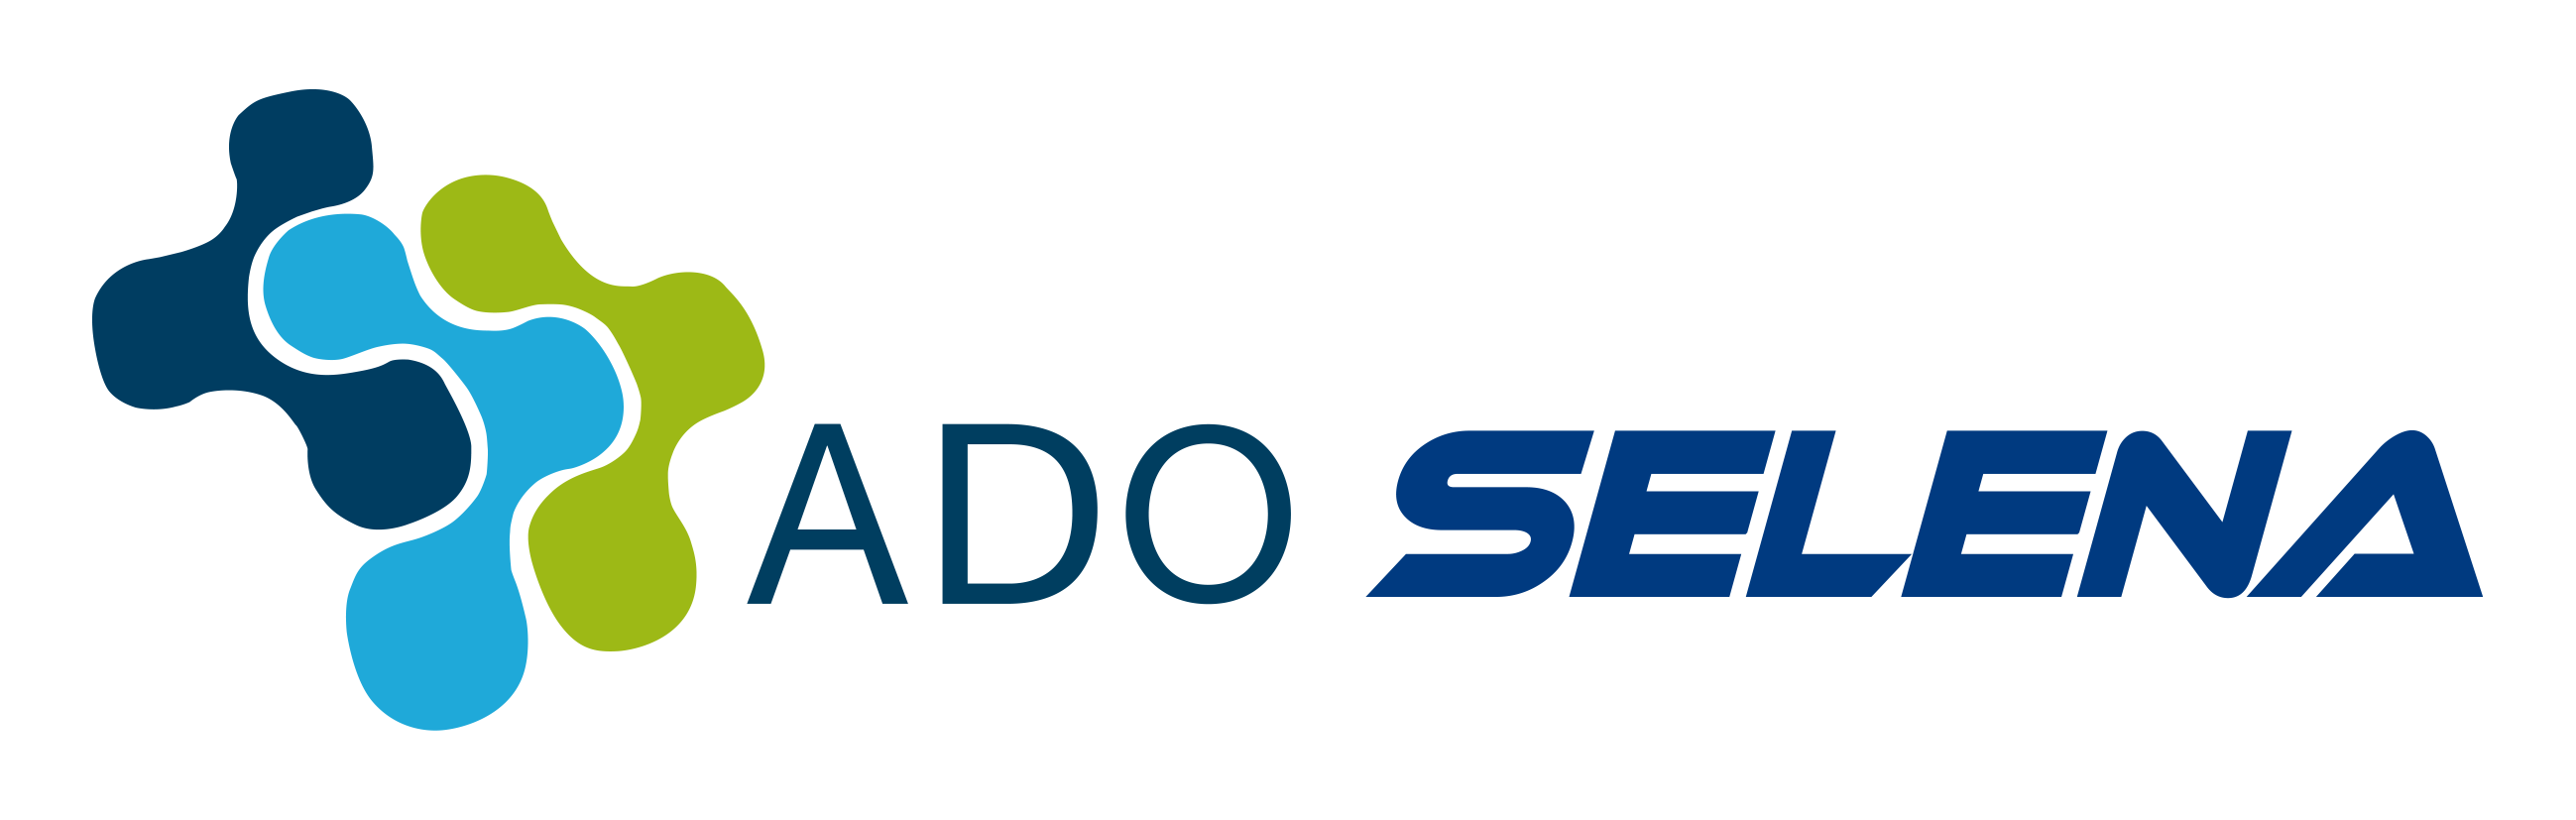 Ado_Selena_logo